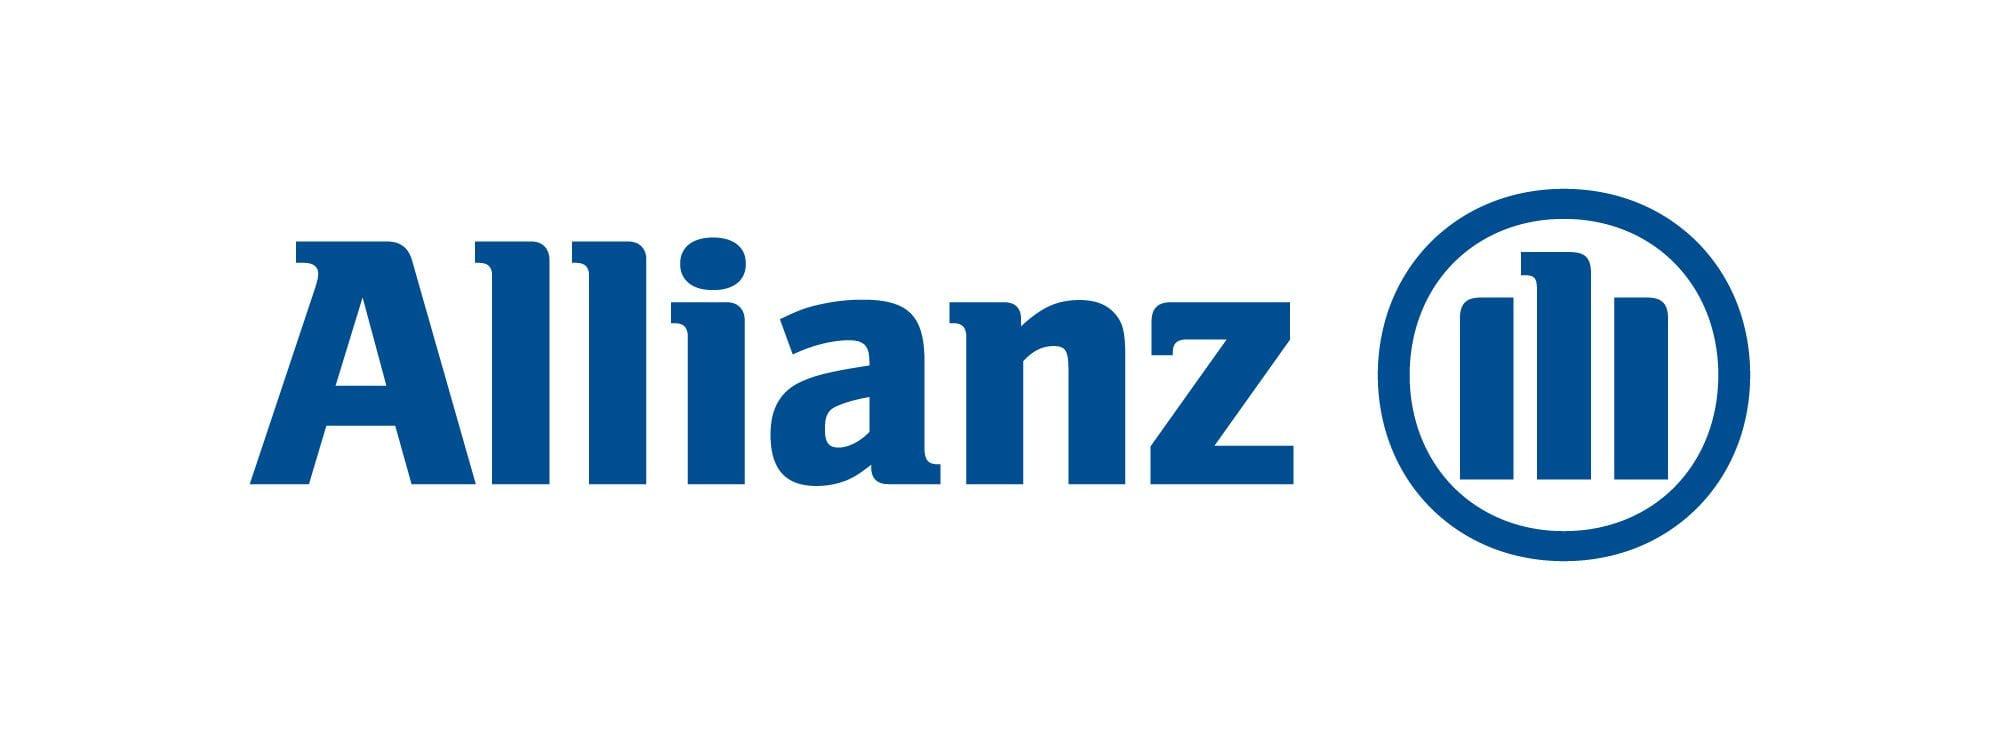 Oferta motivada fantasma - Accidente de tráfico con Allianz